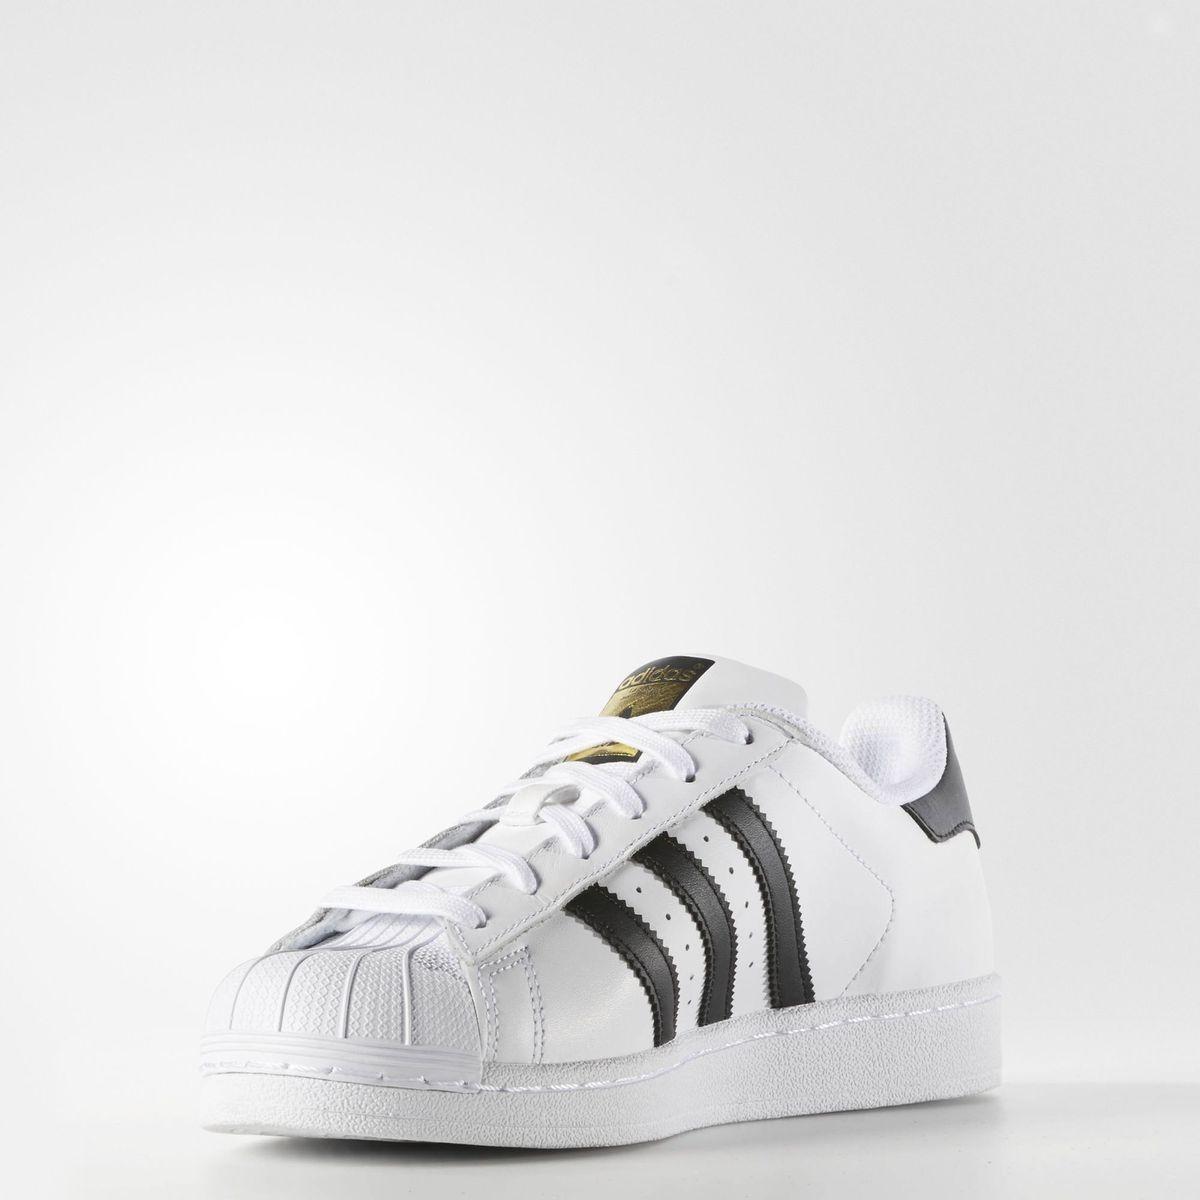 Détails sur basket adidas originals superstar femme chaussure sneakers taille 39